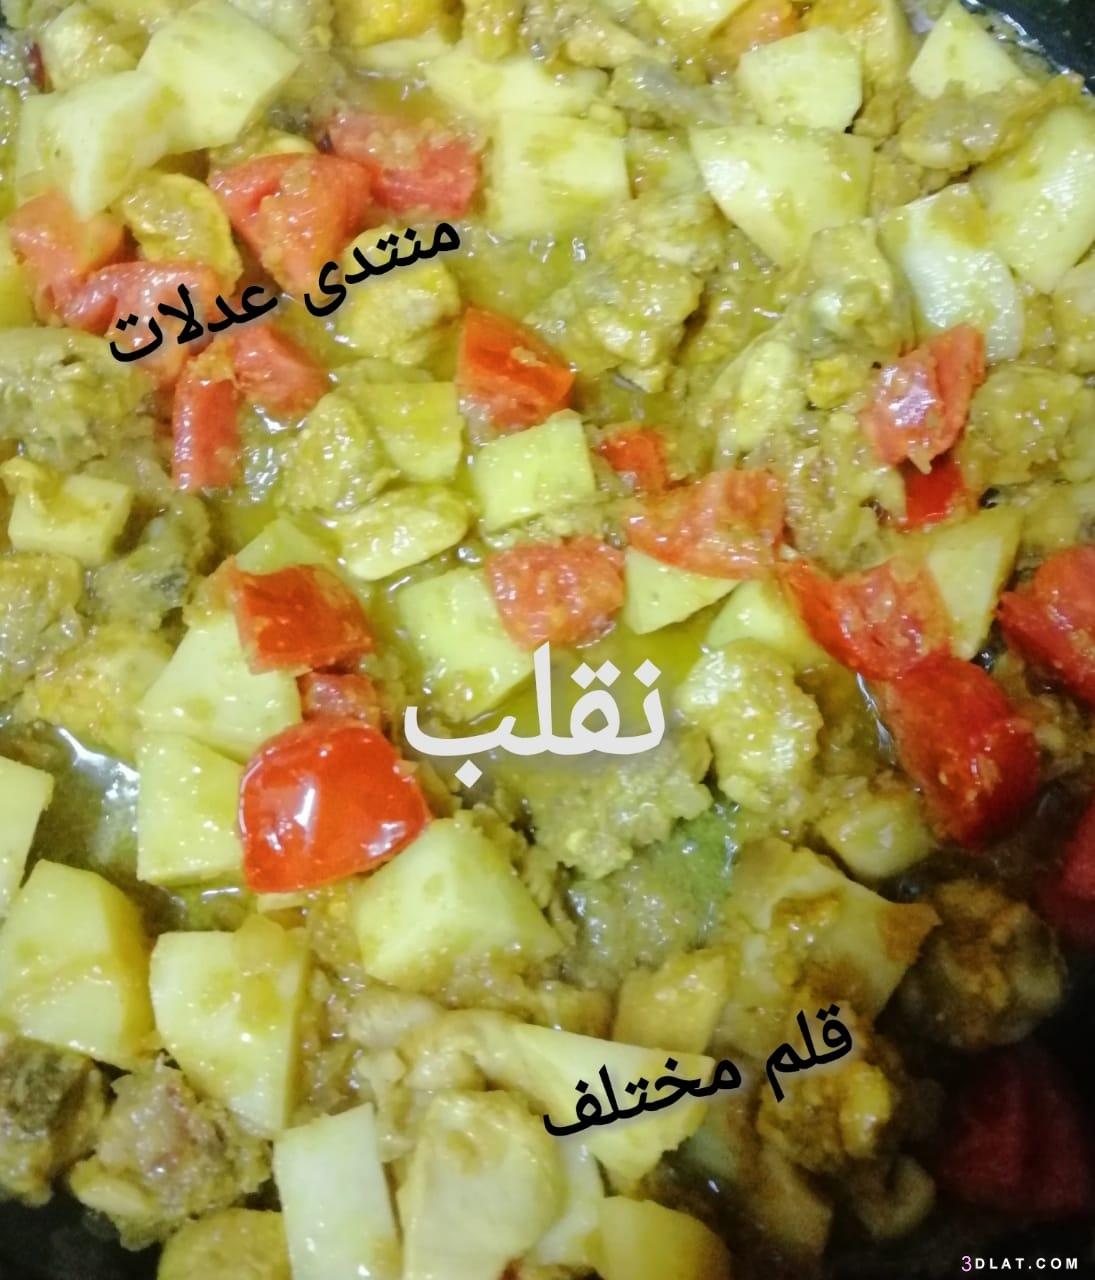 مطبخي ((قطع الدجاج الخضروات)) 3dlat.com_29_18_9d2c